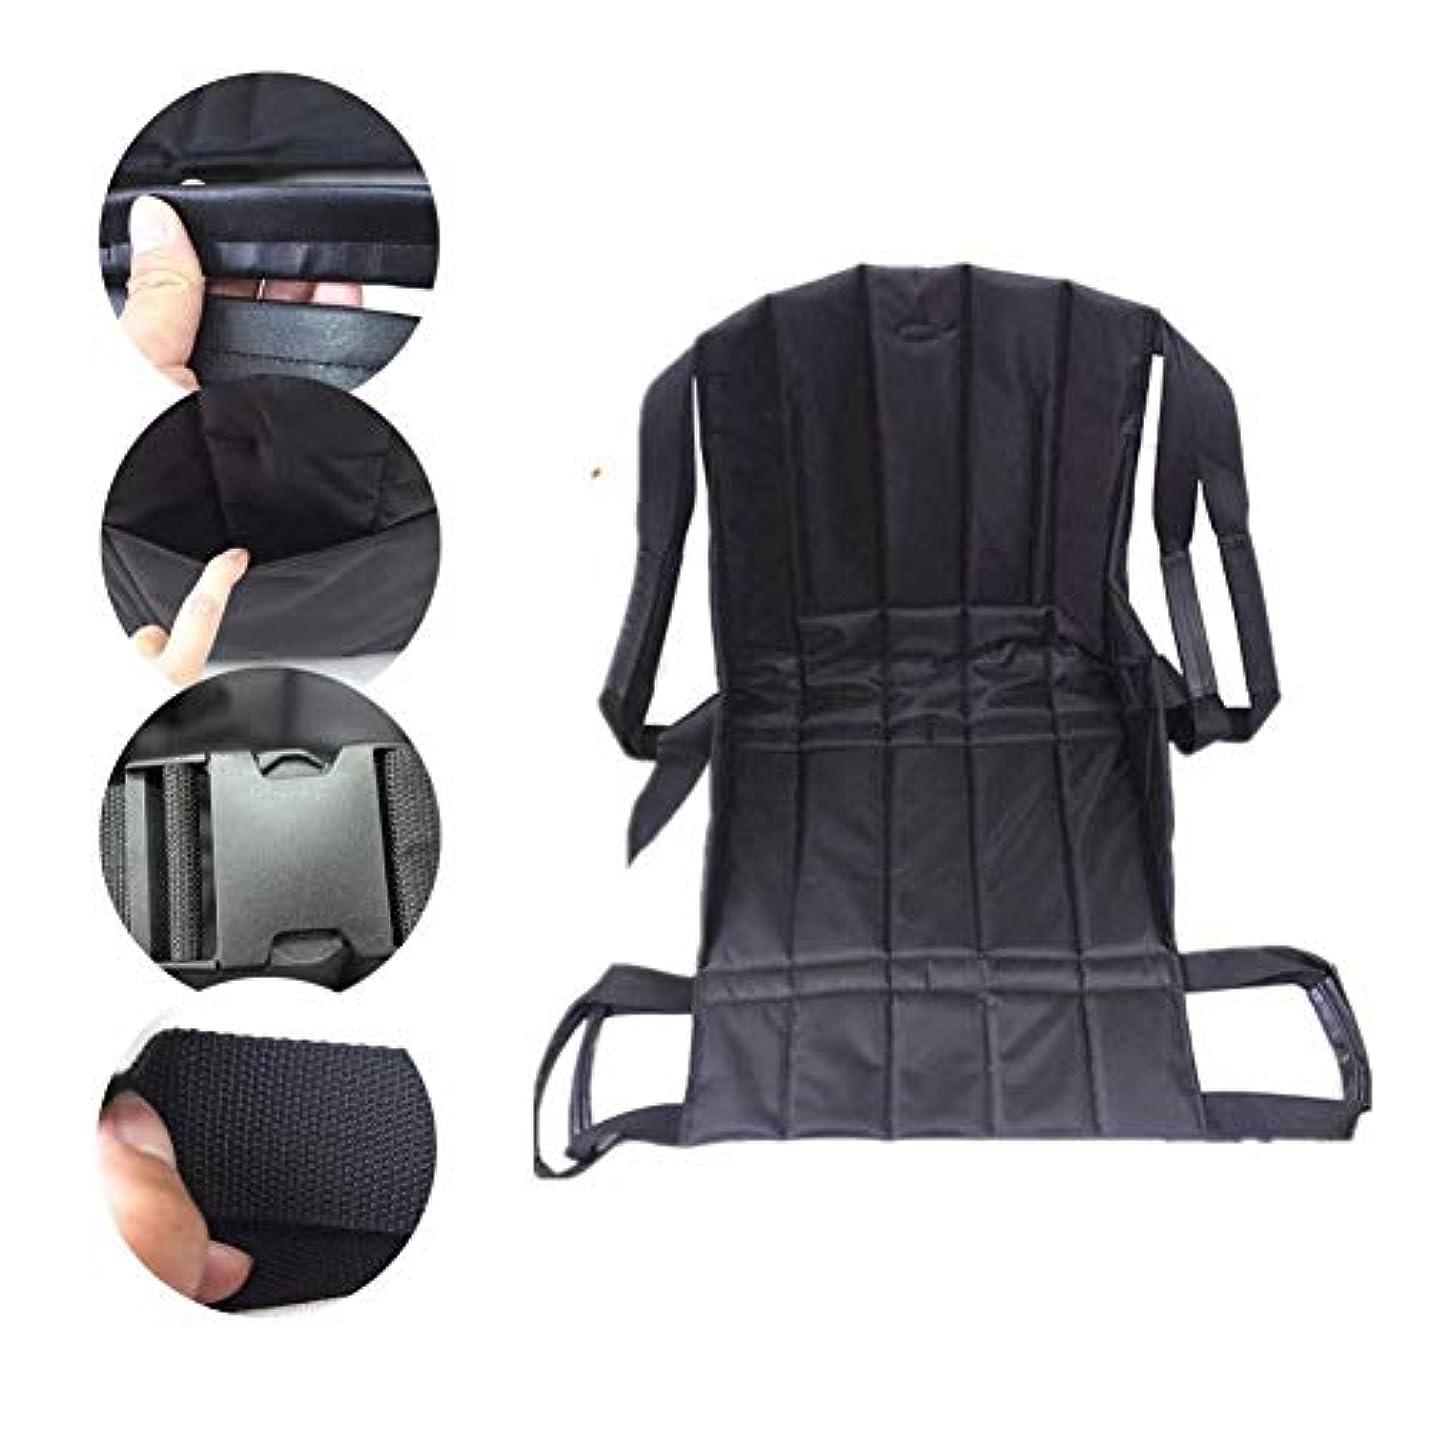 不屈マート温度トランスファーボードスライドベルト-患者リフトベッド支援デバイス-患者輸送リフトスリング-位置決めベッドパッド